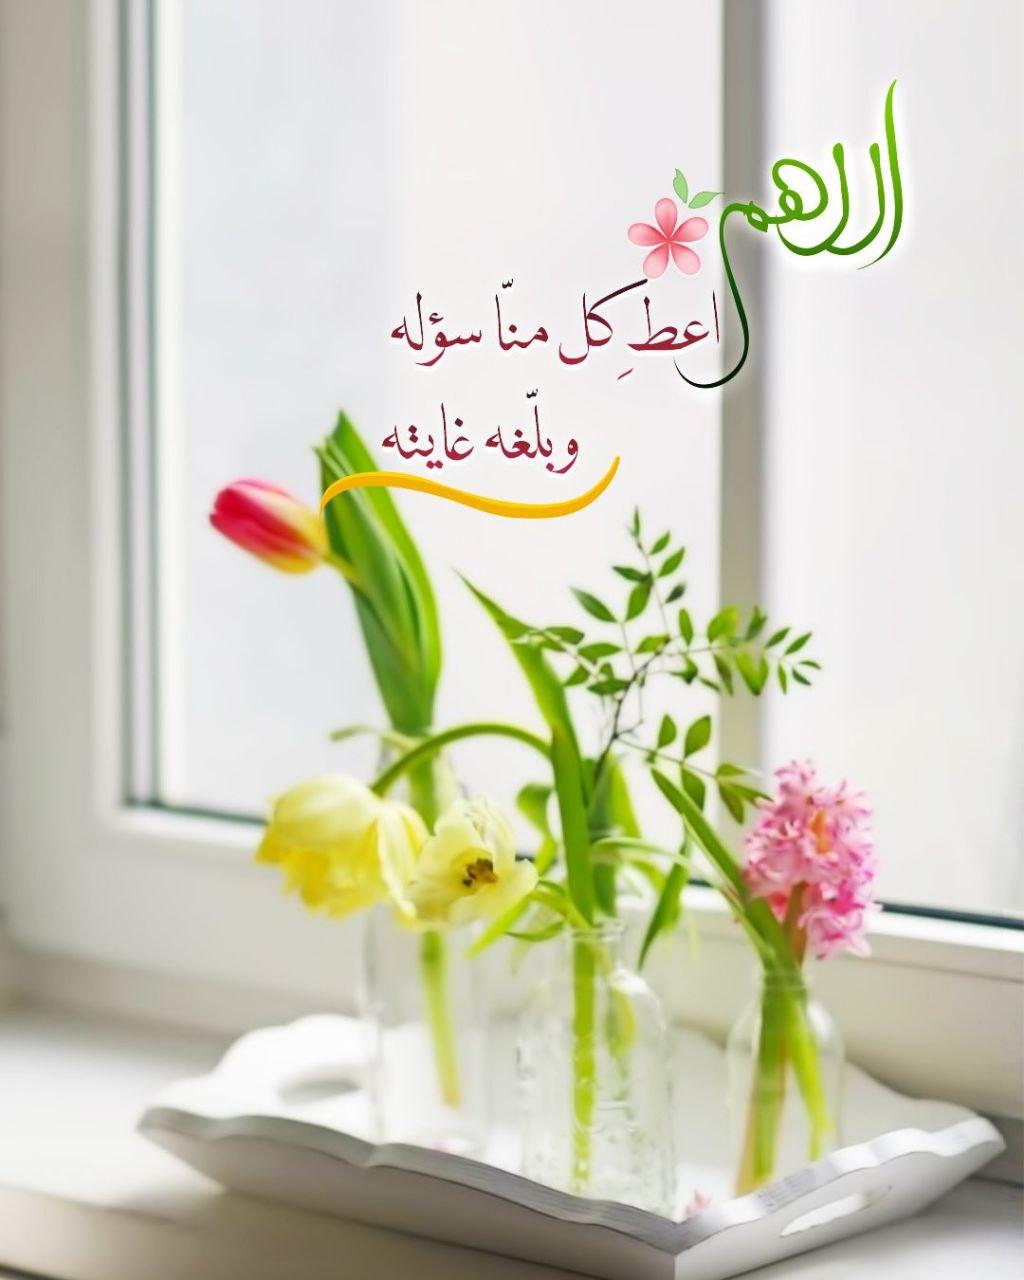 ادعية اسلامية مصورة للفيس بوك 12